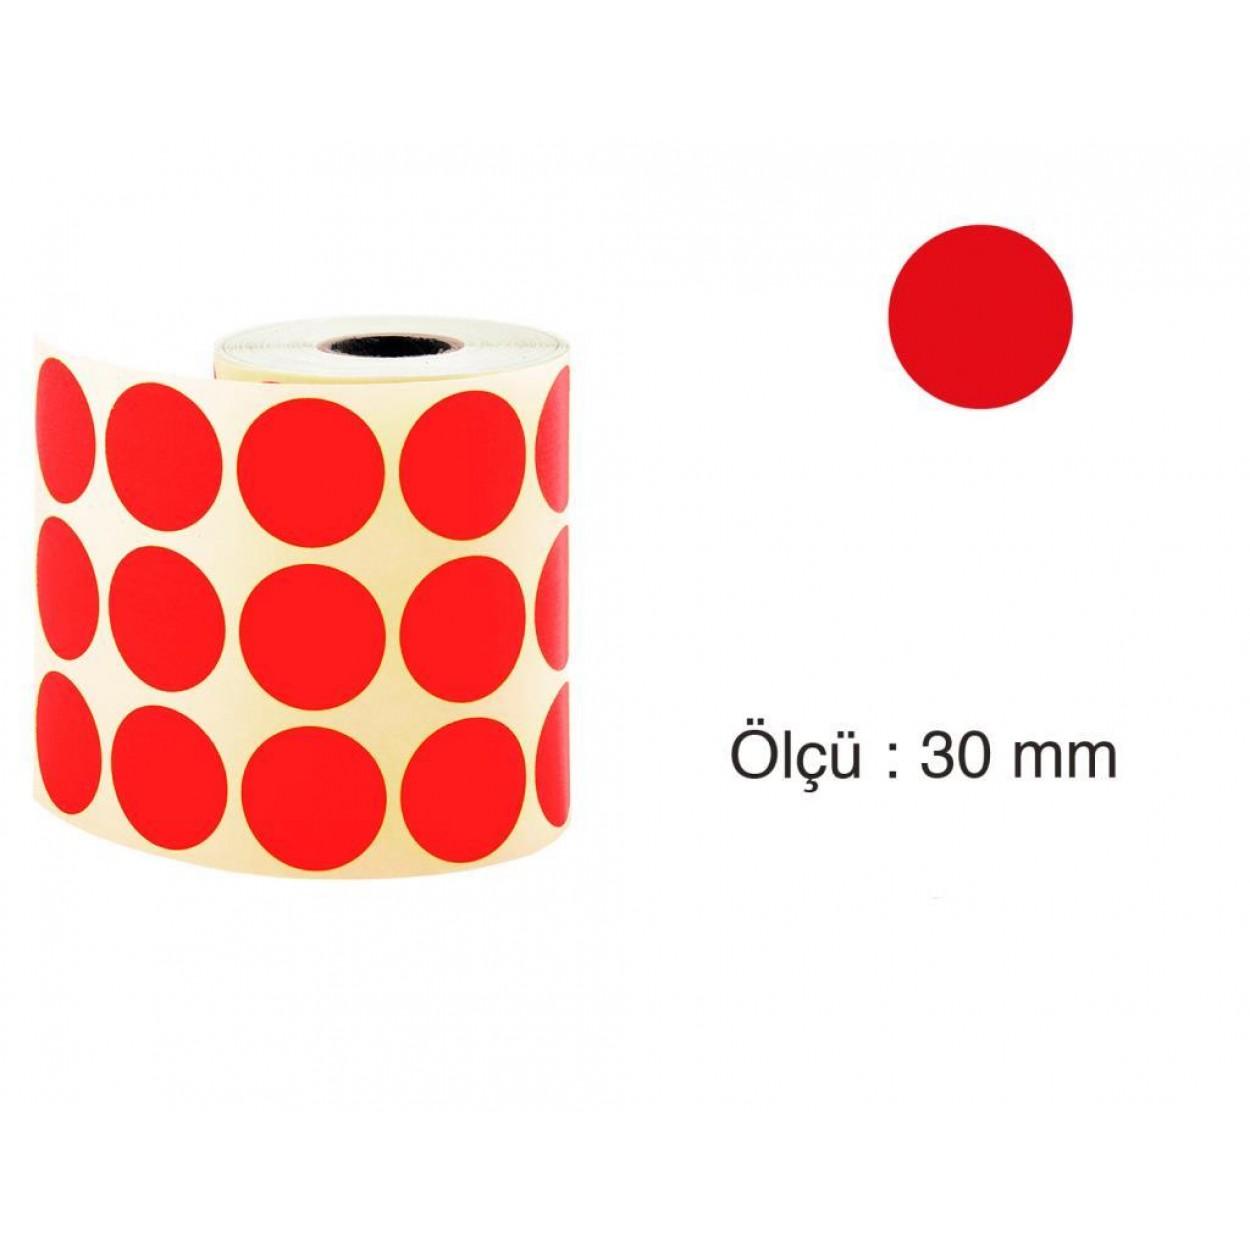 Tanex Nokta Etiket 30 mm 2000 Adet Kırmızı